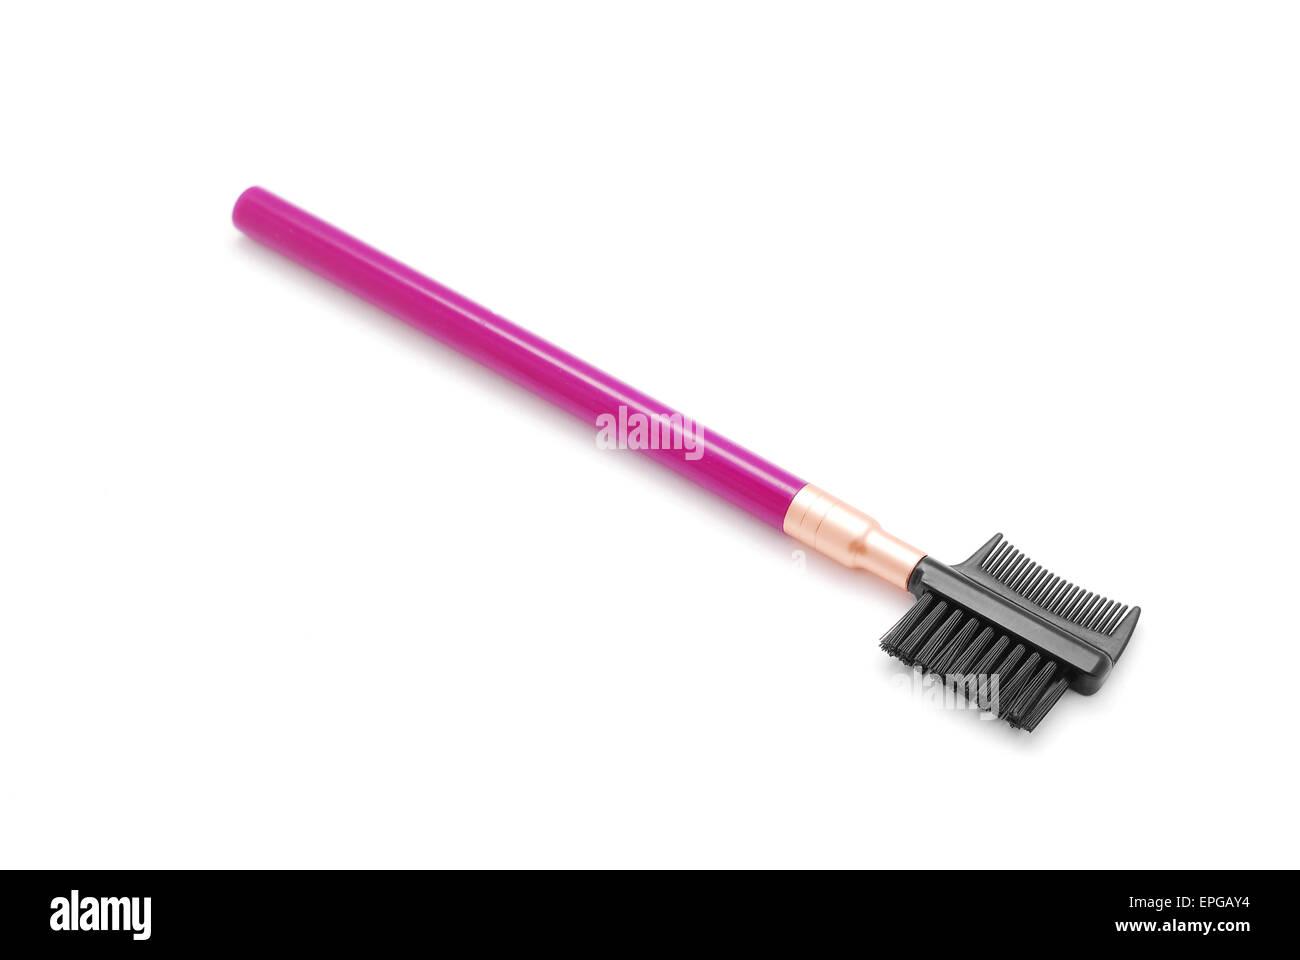 Cepillos cosméticos mascara Imagen De Stock